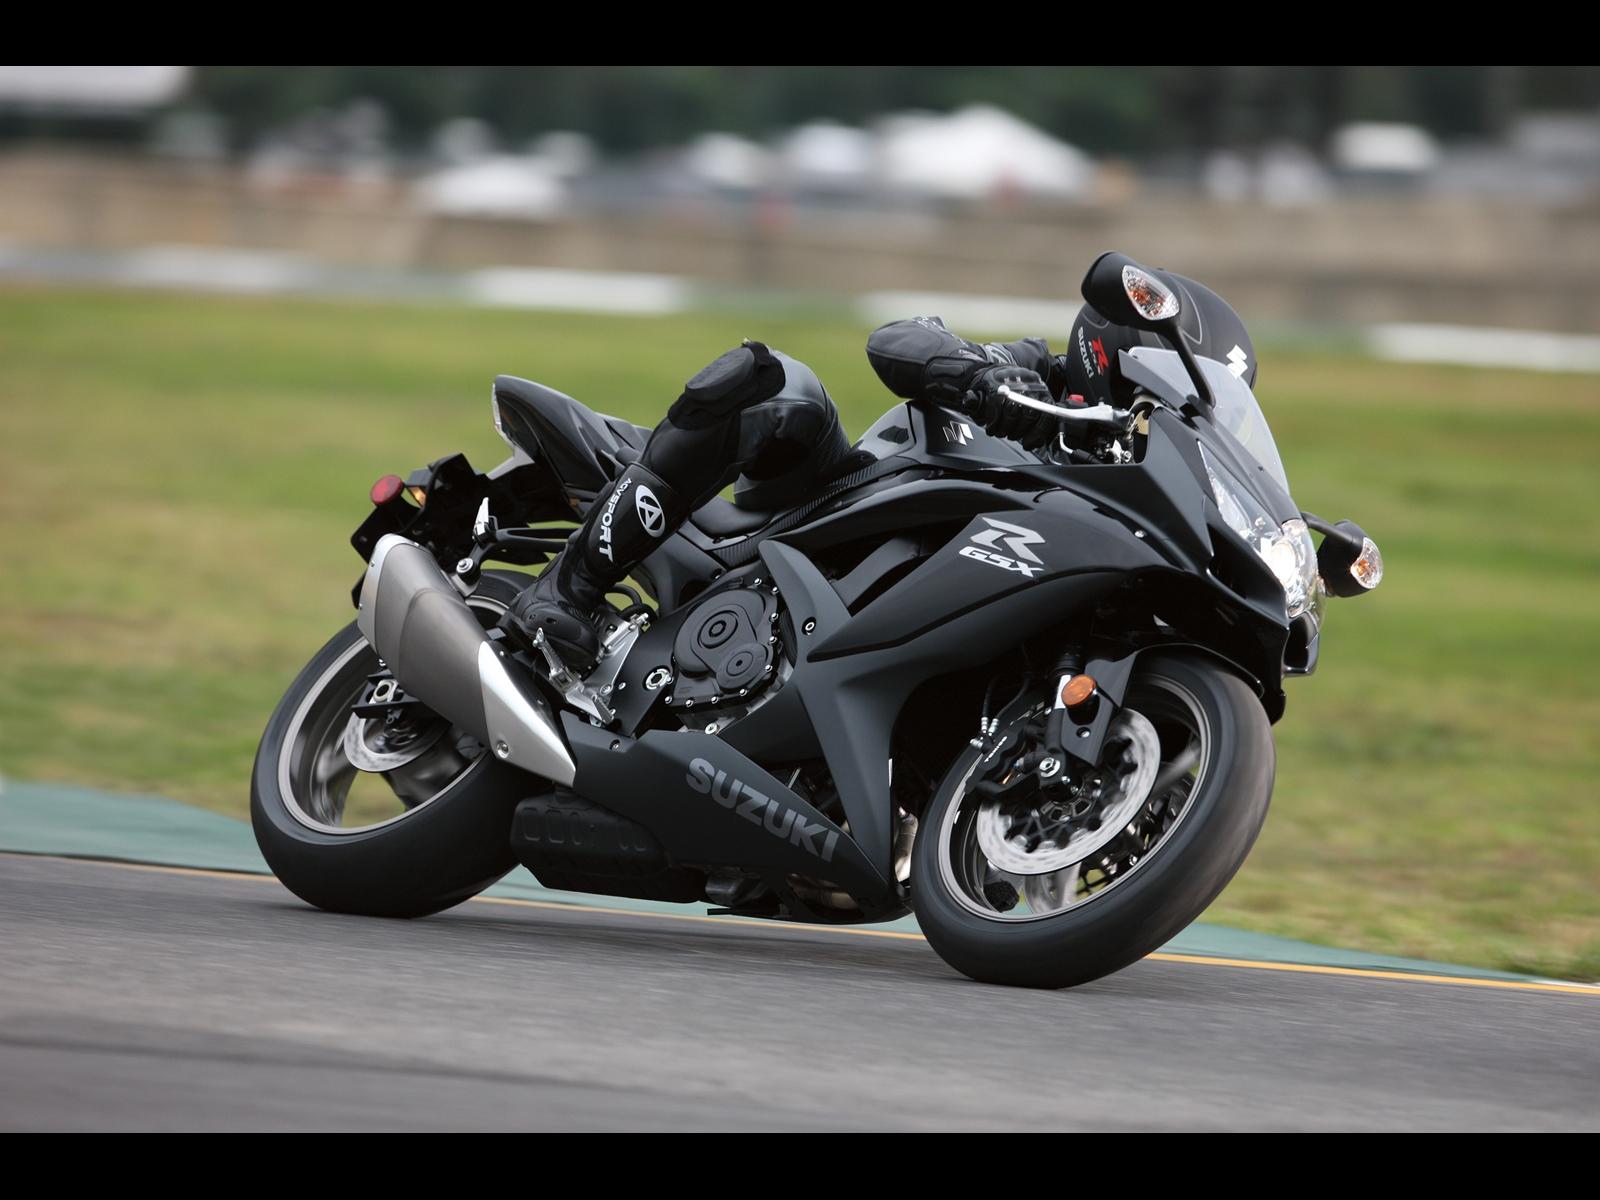 Beautiful Bikes Suzuki Gsxr 600 Black